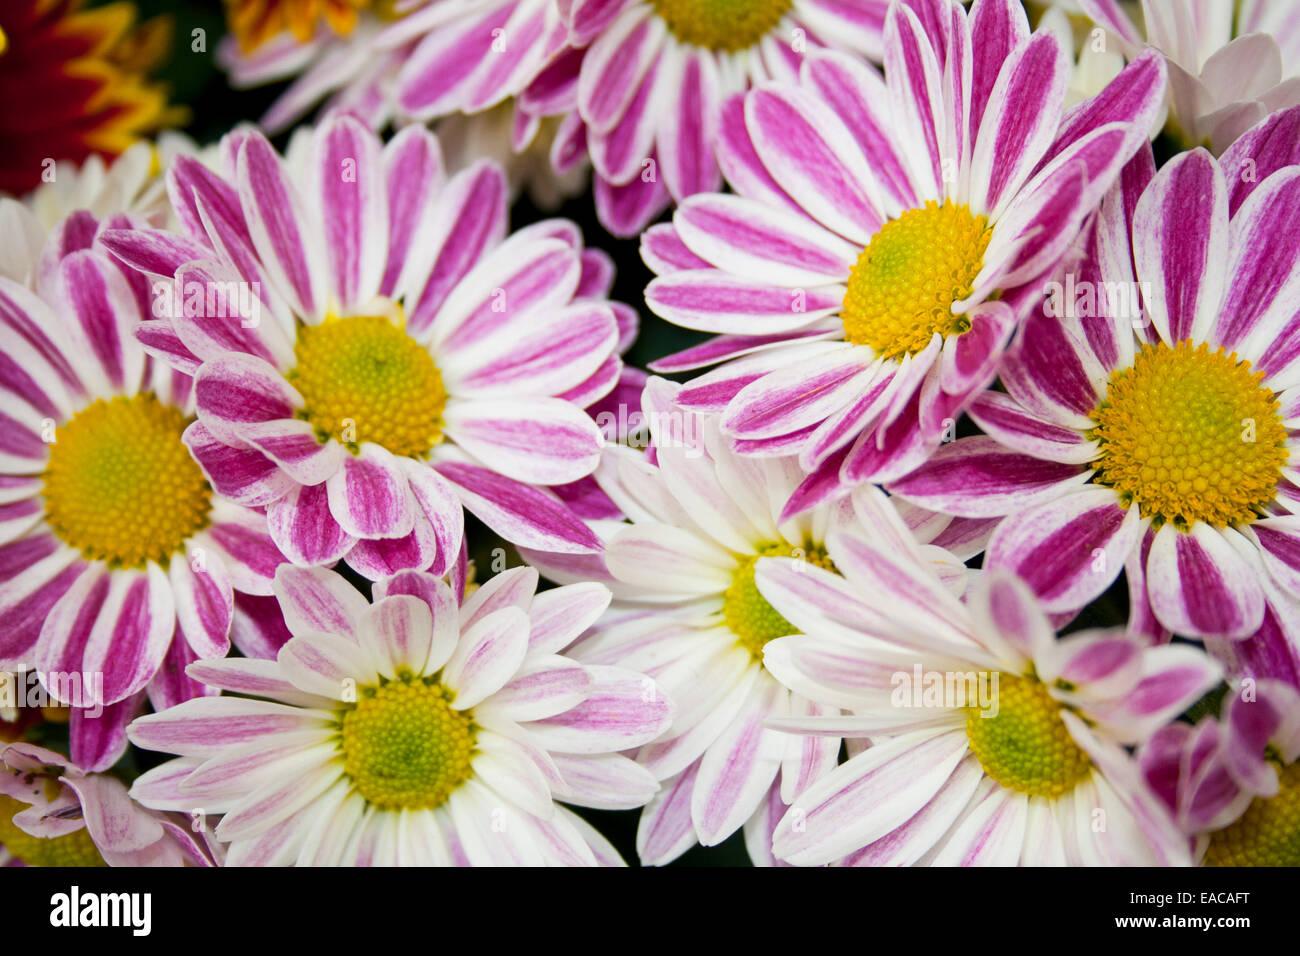 Gänseblümchen-Blüten in rosa und weiß Stockbild